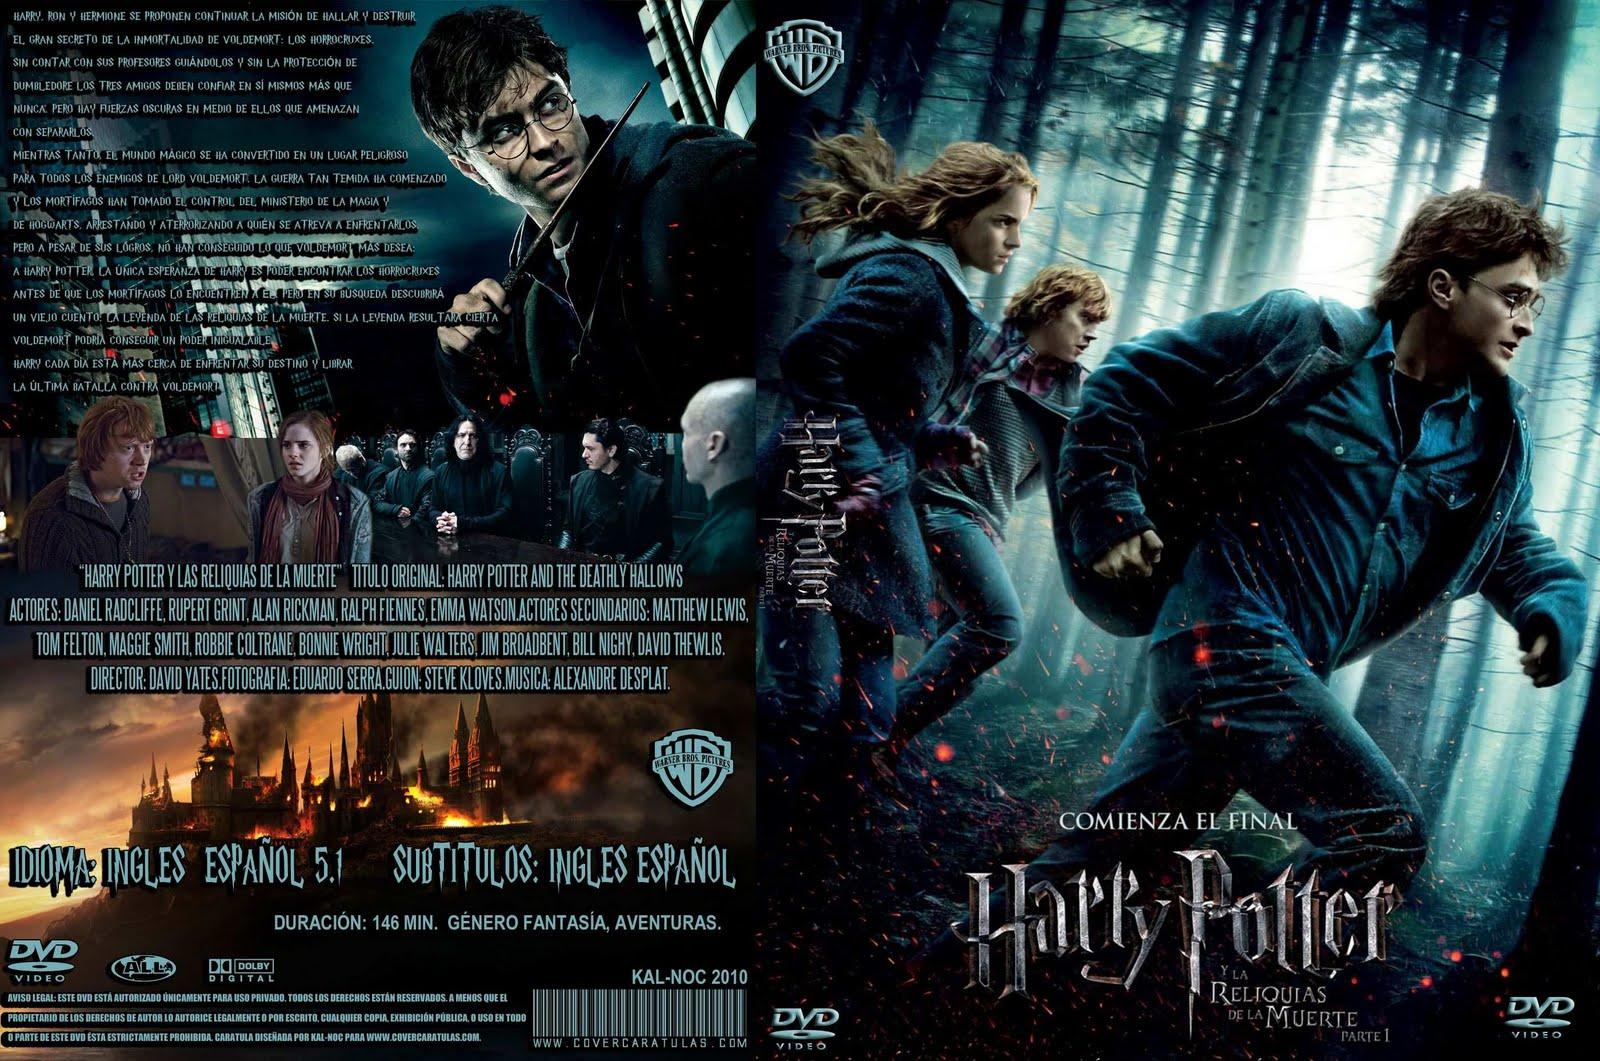 Harry_Potter_Y_Las_Reliquias_De_La_Muert